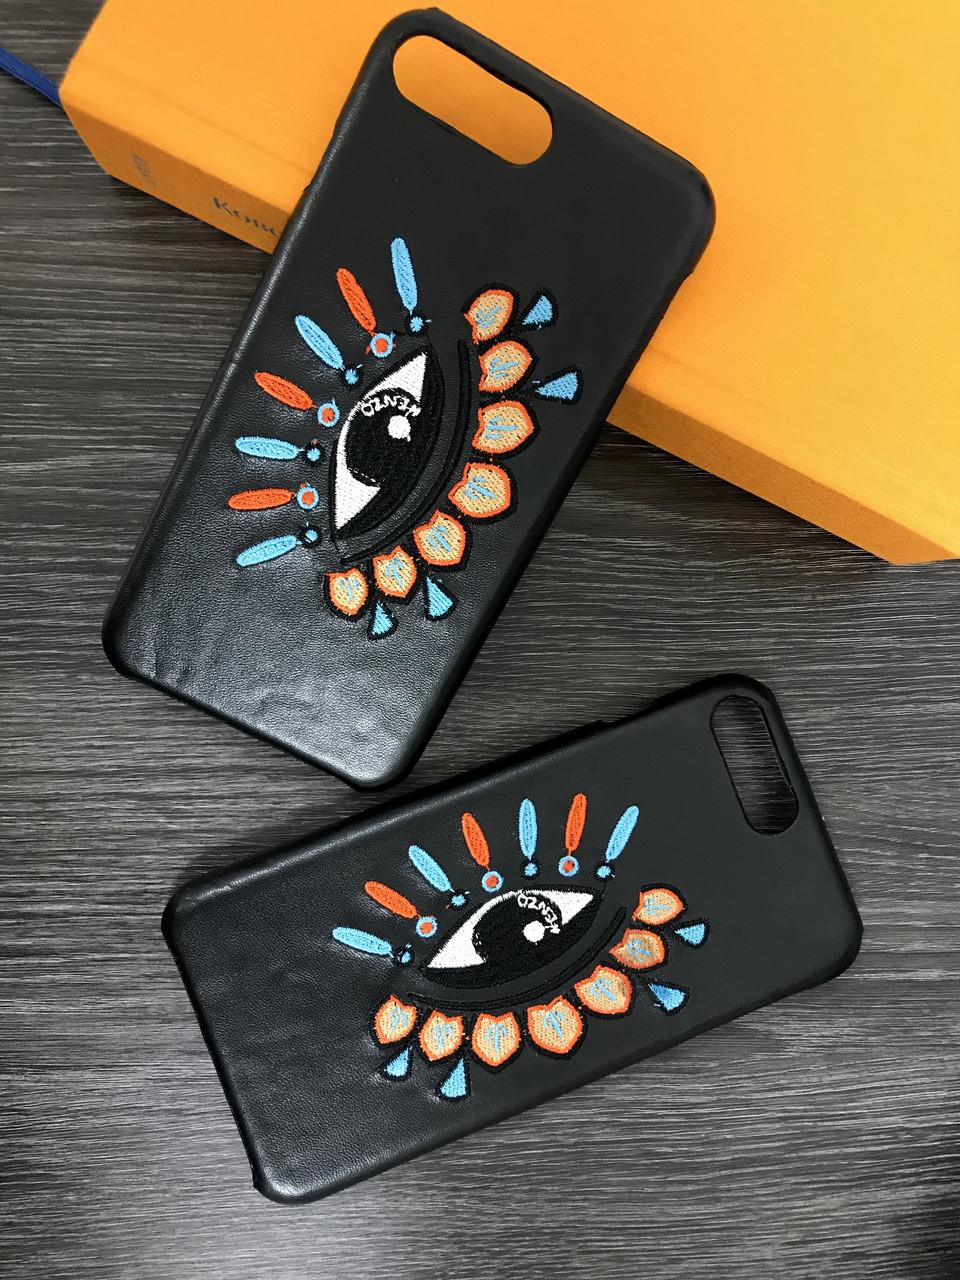 Плаcтиковый чехол для iPhone 6 Plus / 6S Plus Черный с глазом